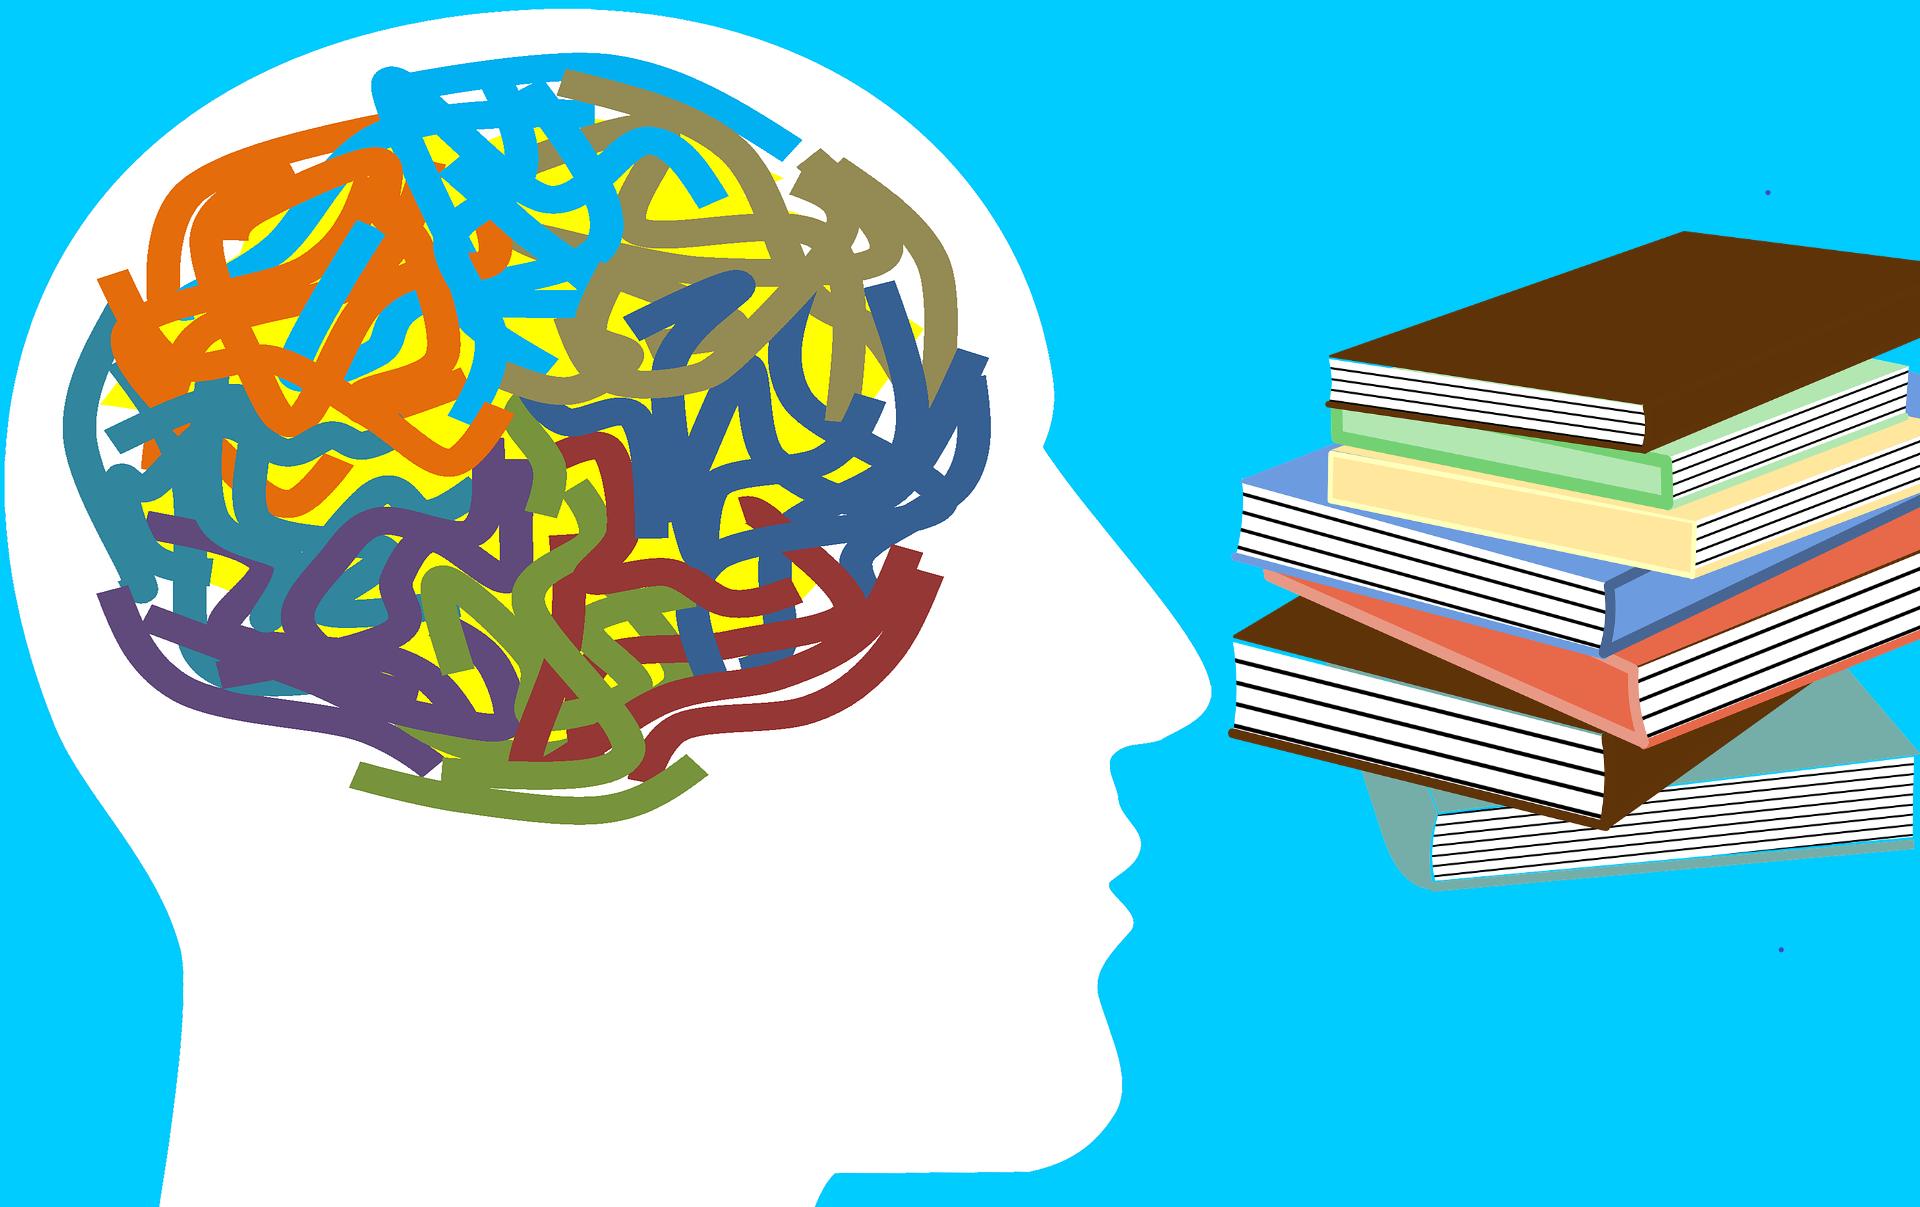 Kādi ADHD aspekti ietekmē skolas darbību?